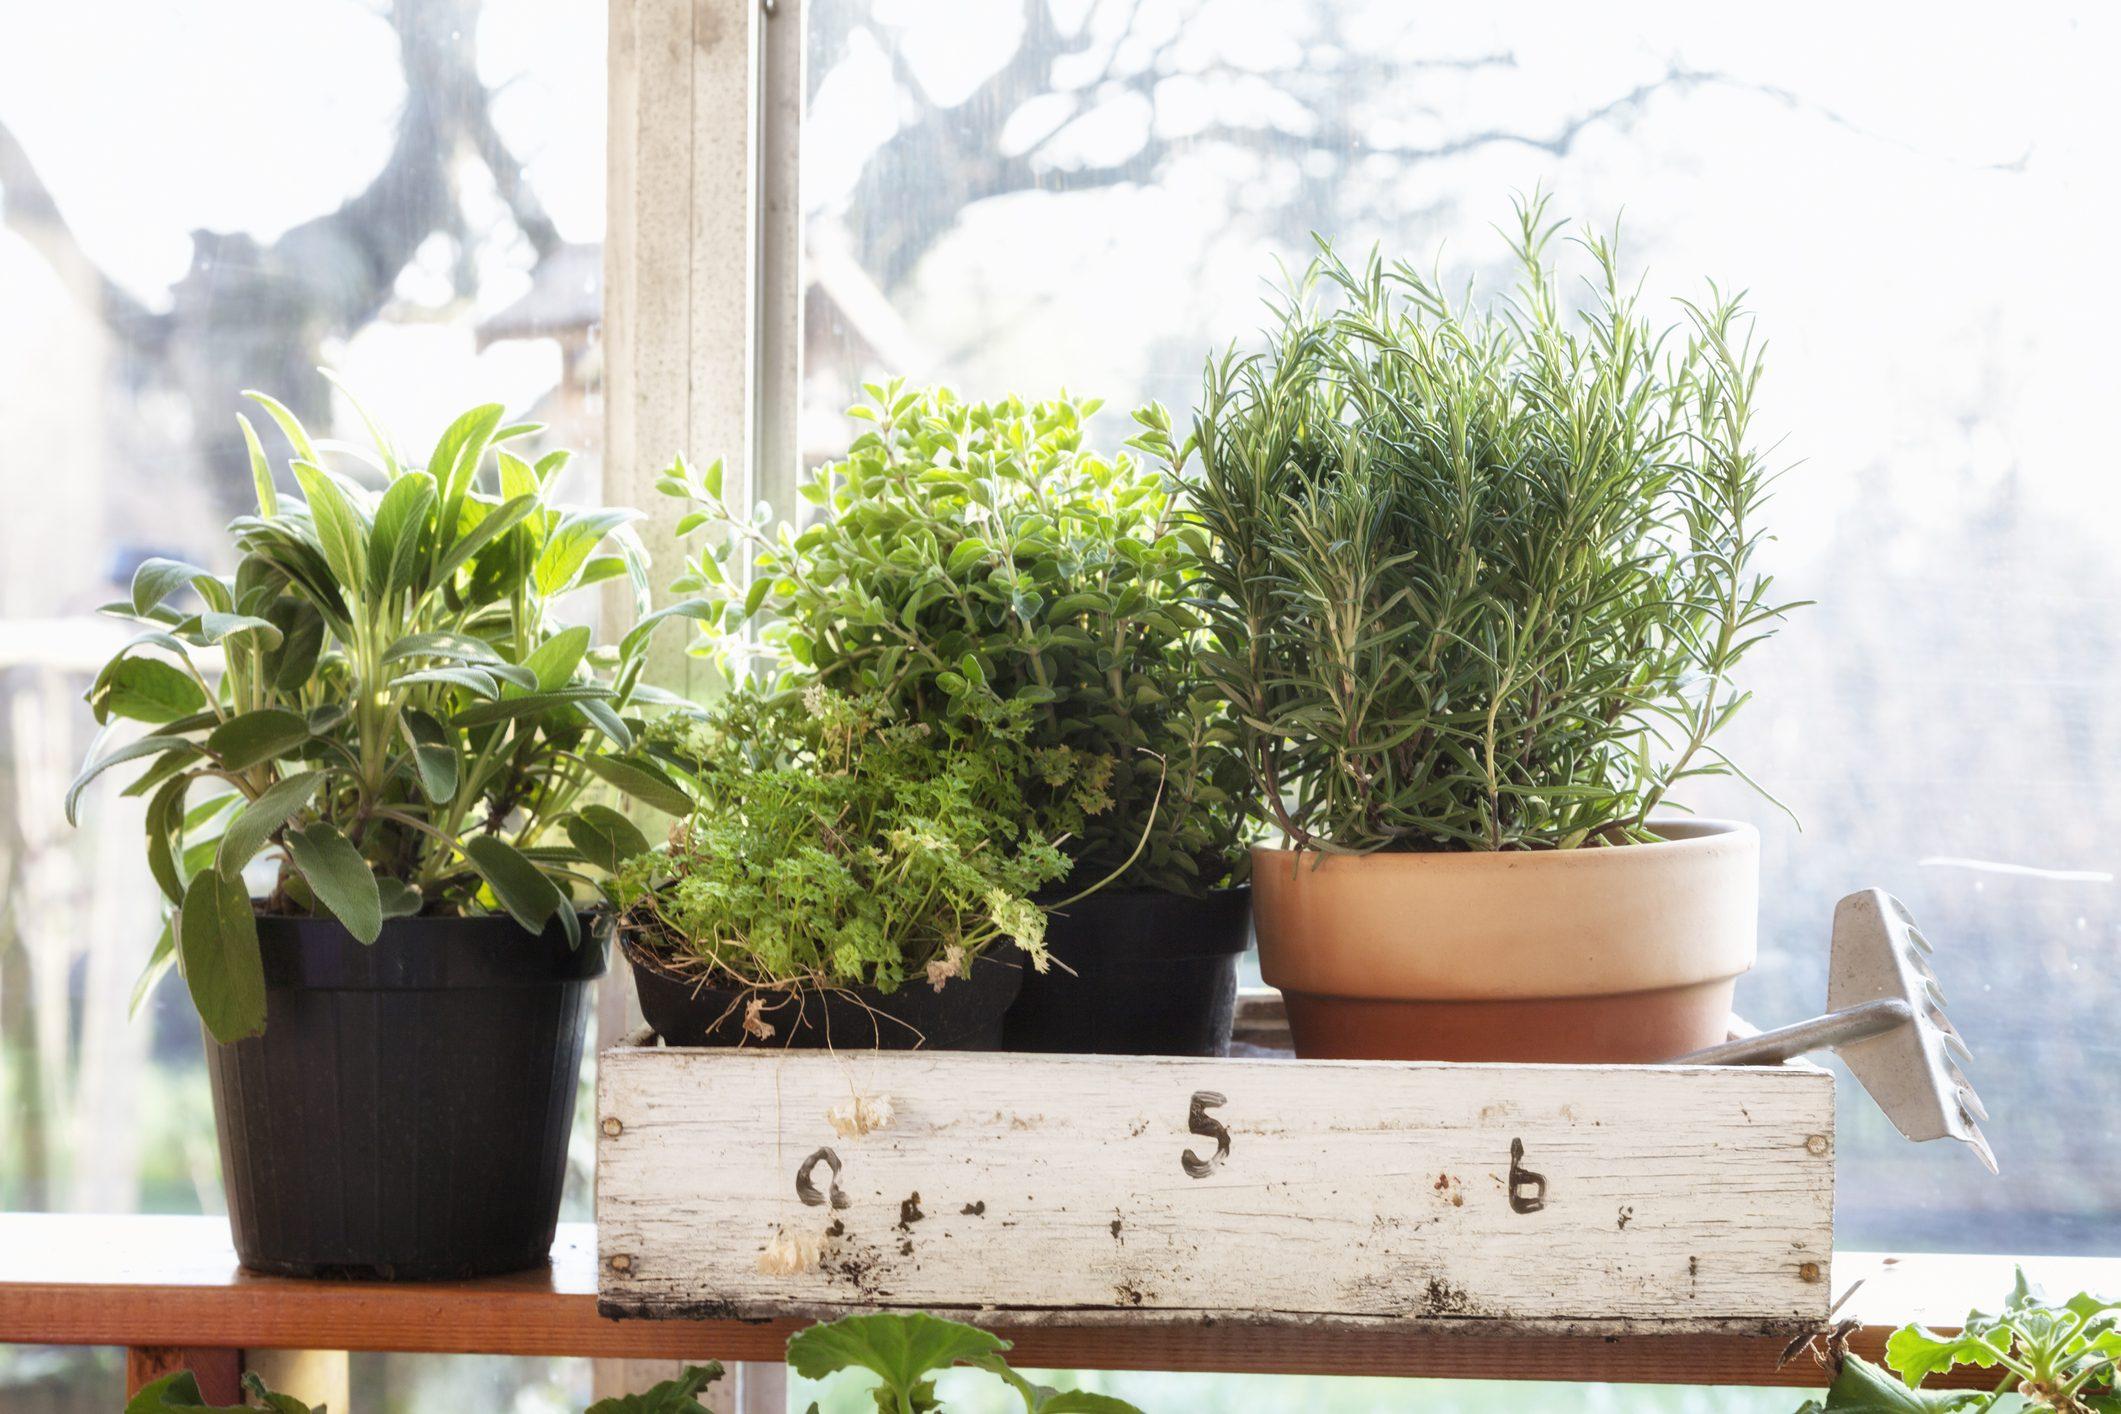 Coltivare In Casa Piante Aromatiche 10 piante aromatiche da coltivare sul tuo balcone | ohga!